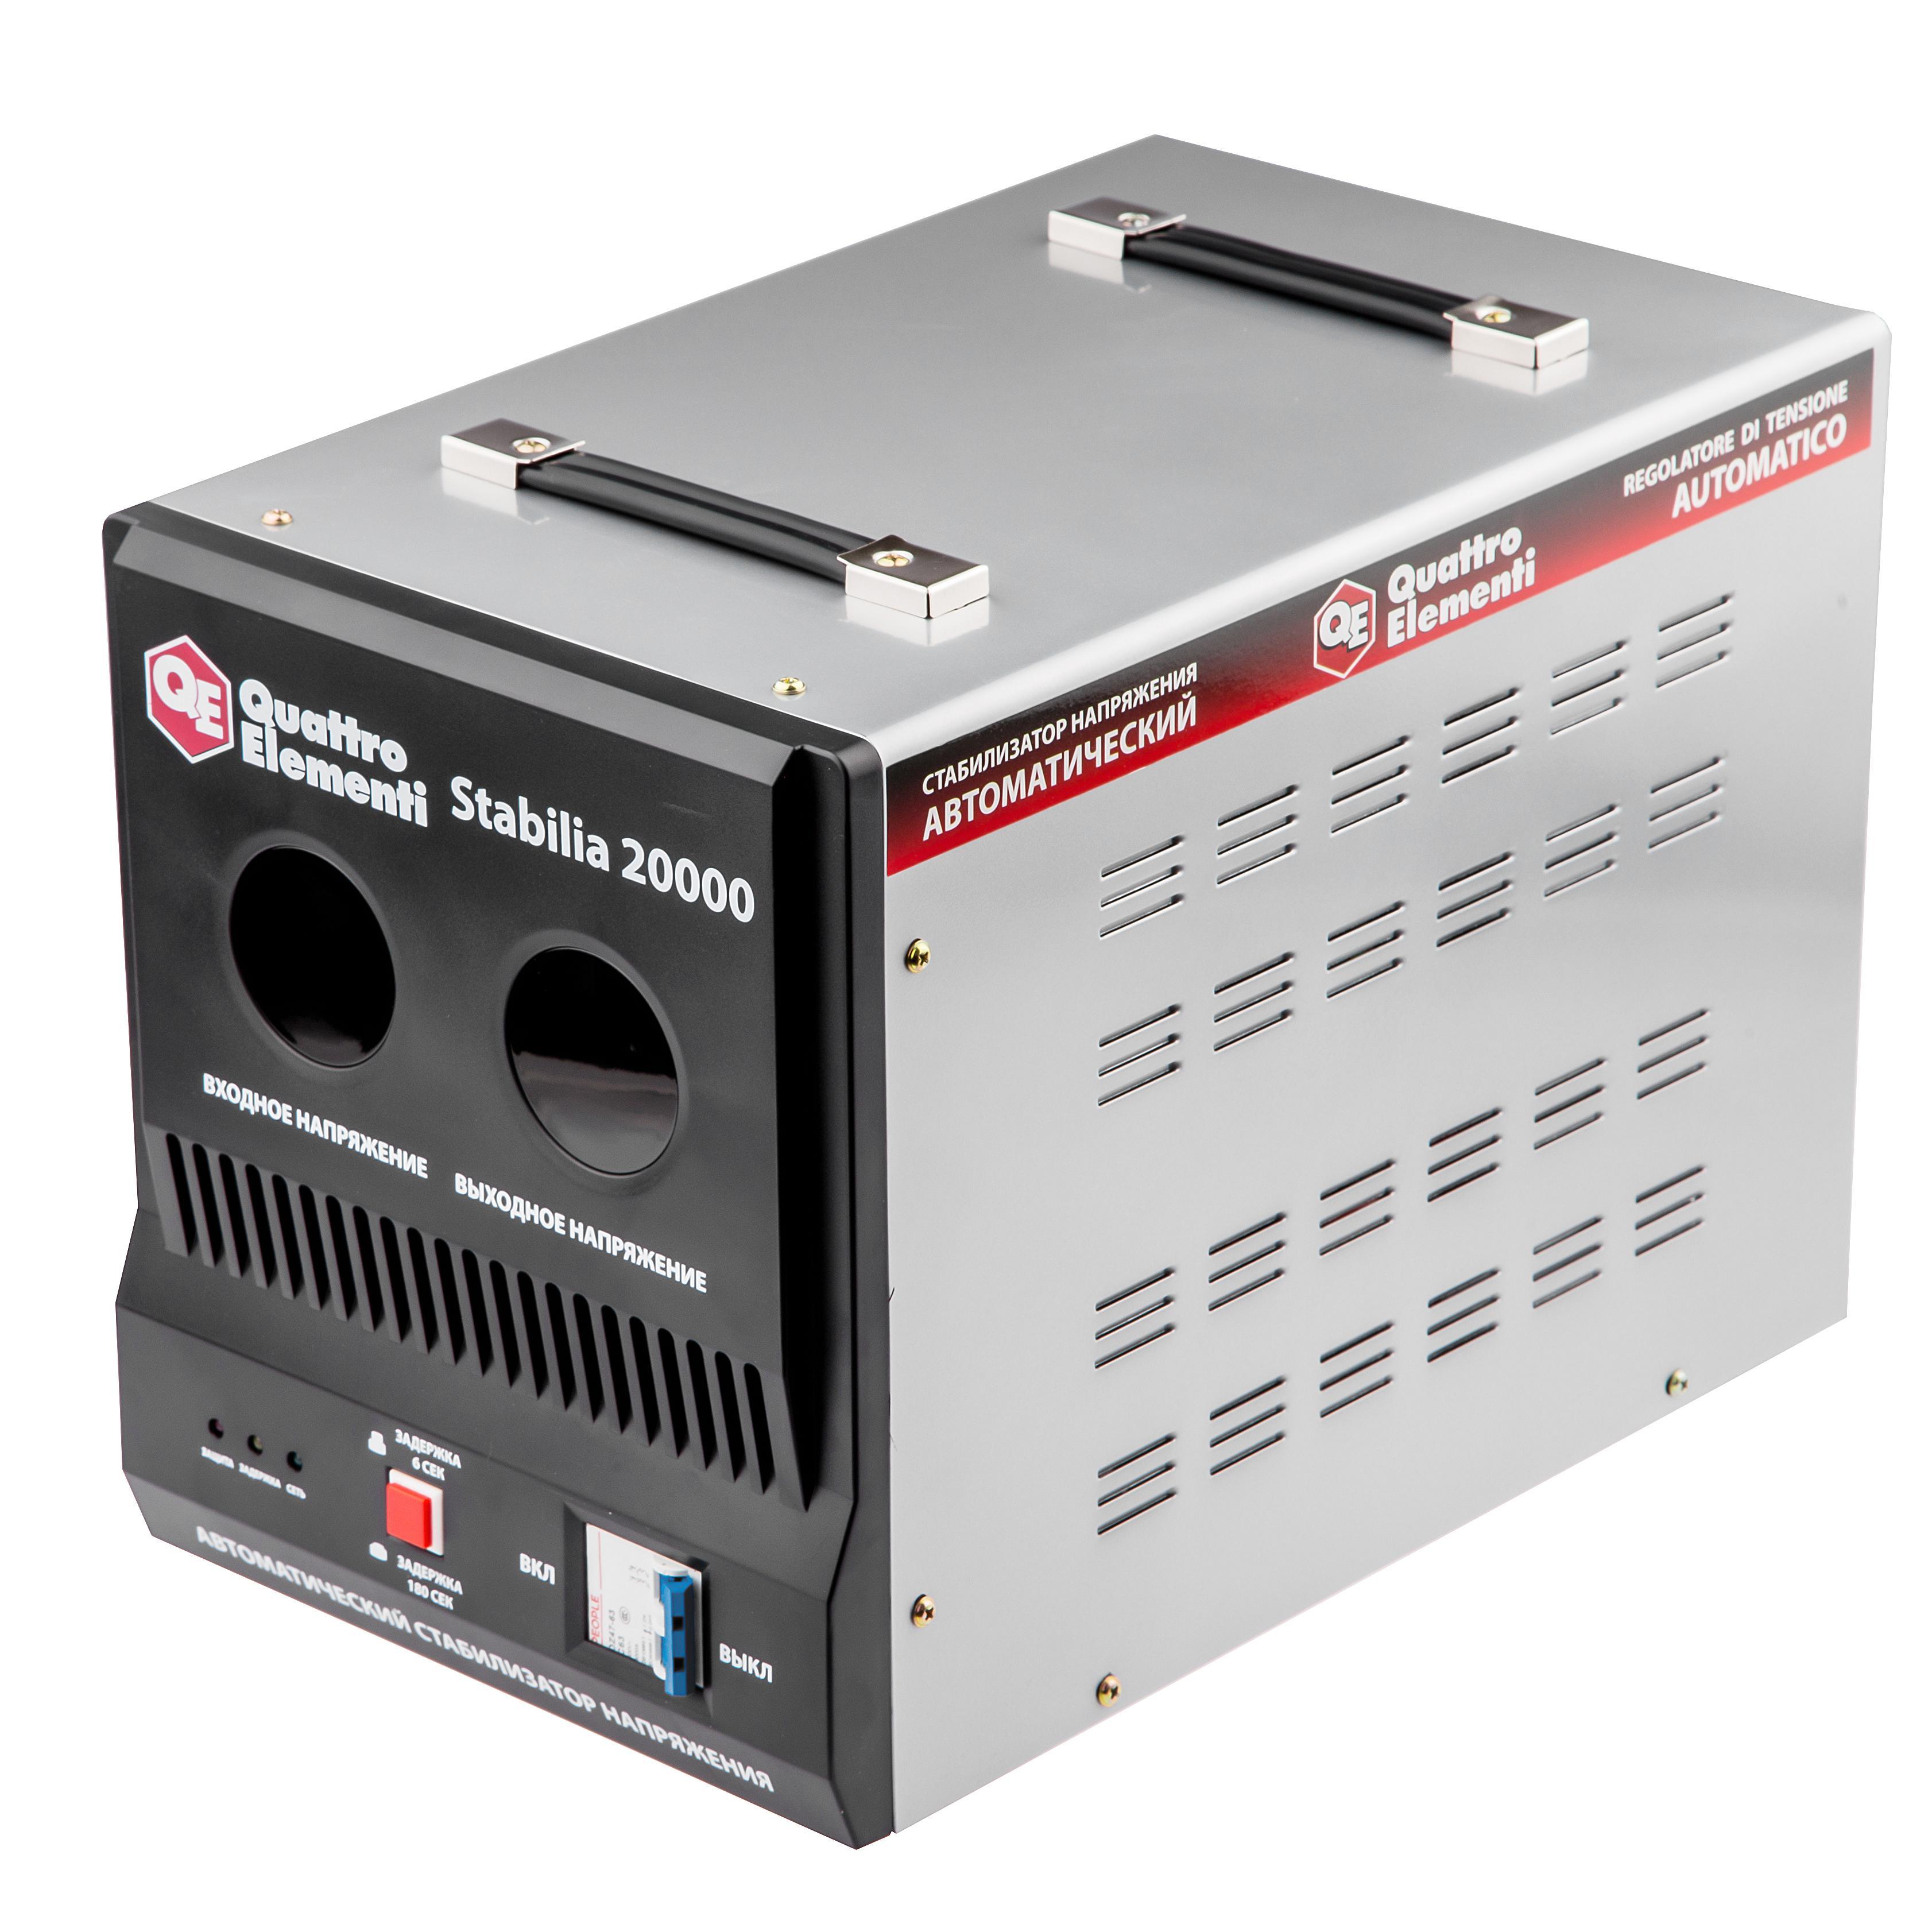 Стабилизатор напряжения Quattro elementi Stabilia 20000 стабилизатор напряжения quattro elementi stabilia 5000